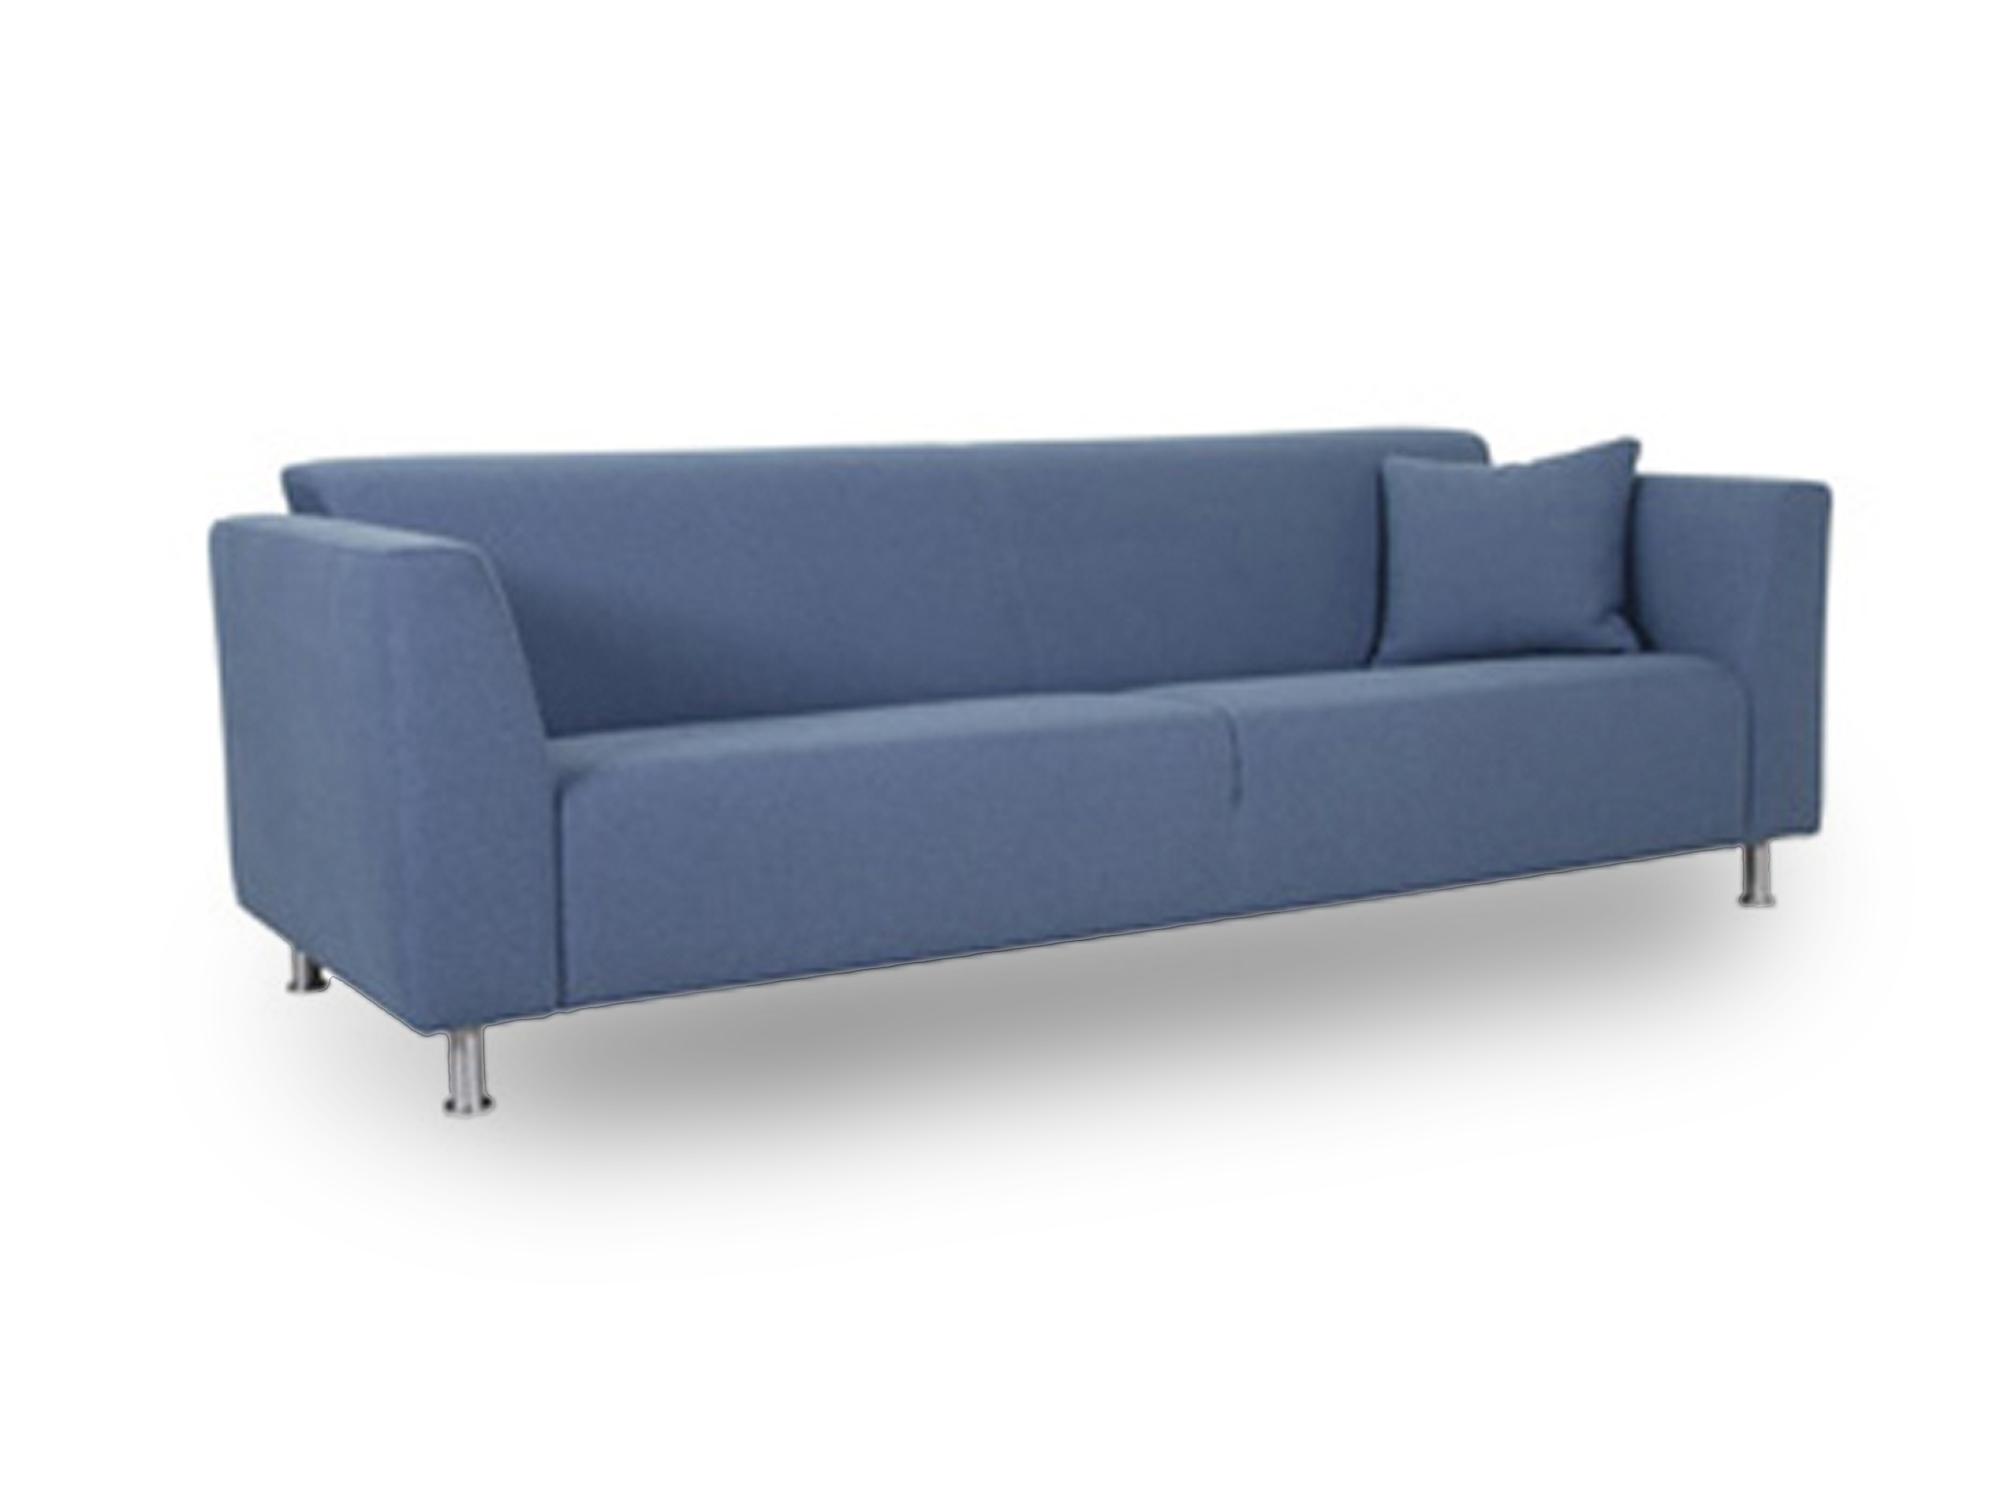 designbank_donkeregaard schuin blauw